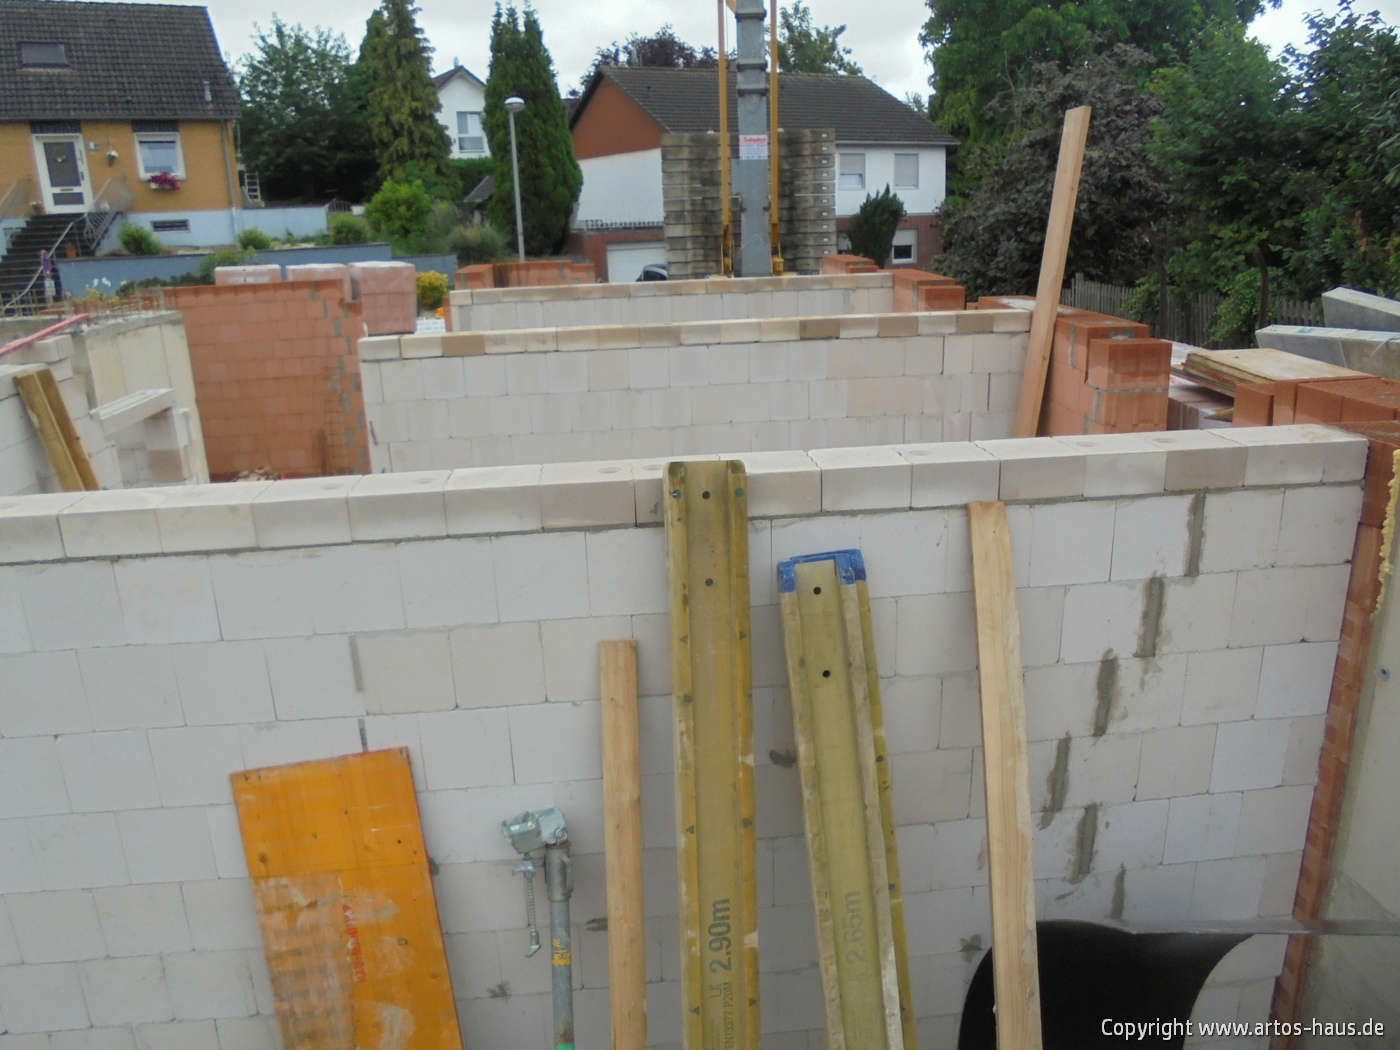 Mauerarbeiten EG Bild 2